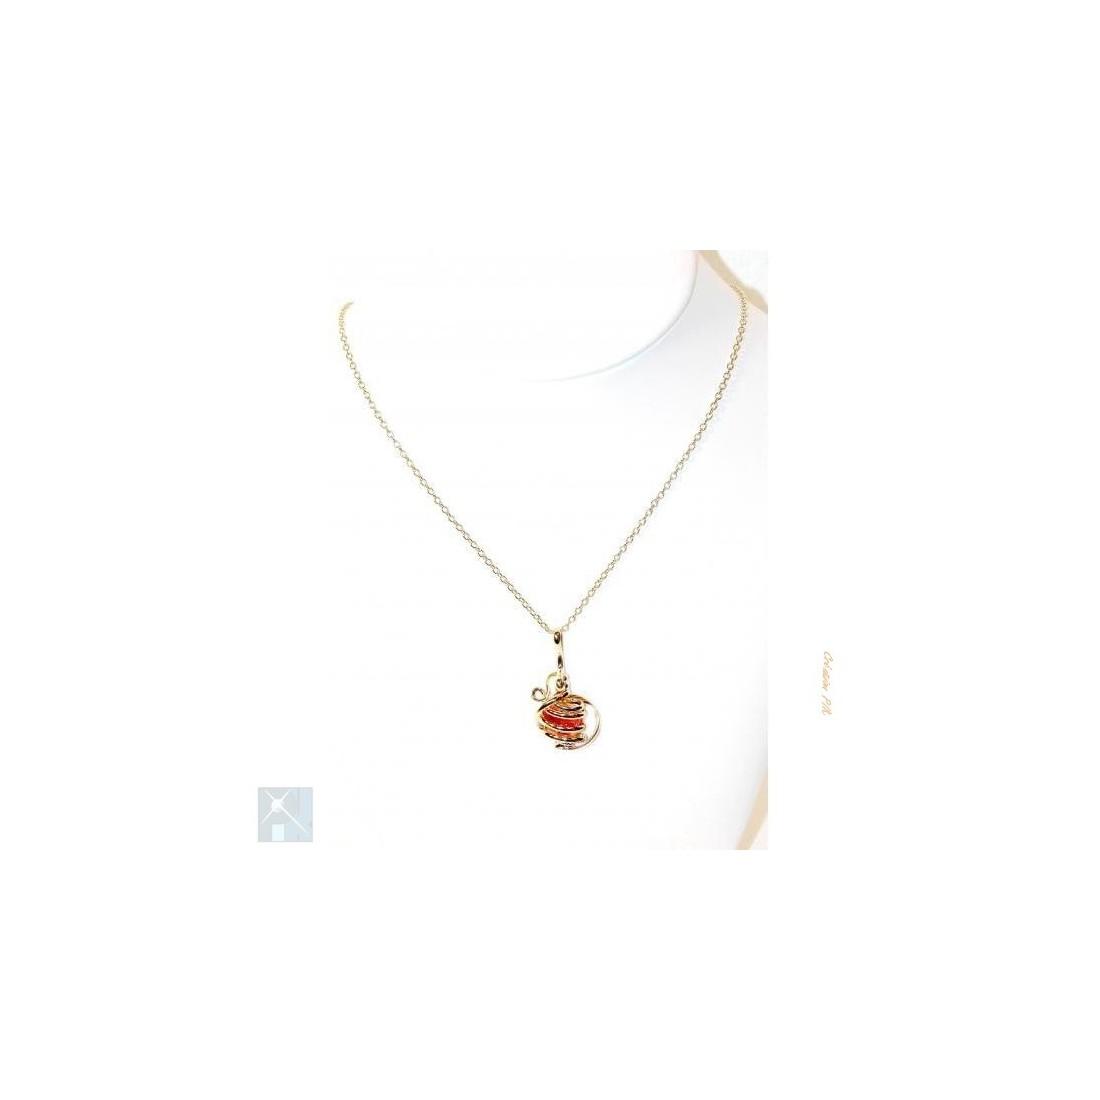 Petit pendentif doré-orange, bijou original, fait main.